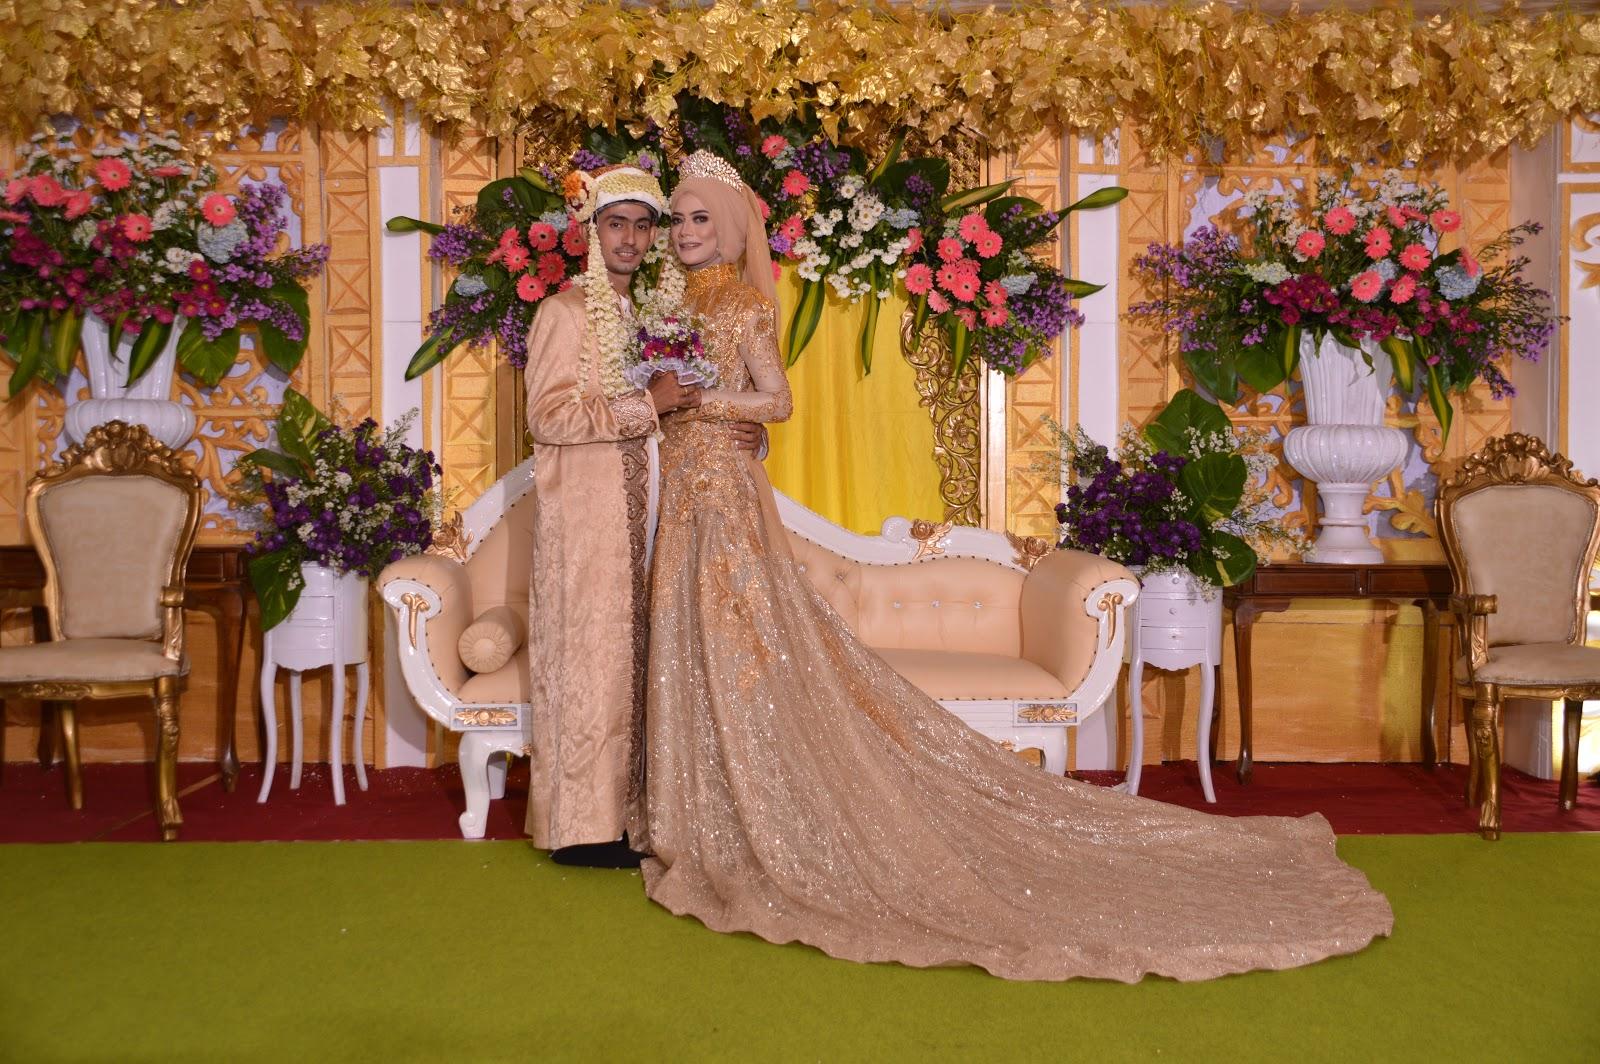 Desain Dekorasi Pernikahan Lengkap Harga Murah Bisa Nego